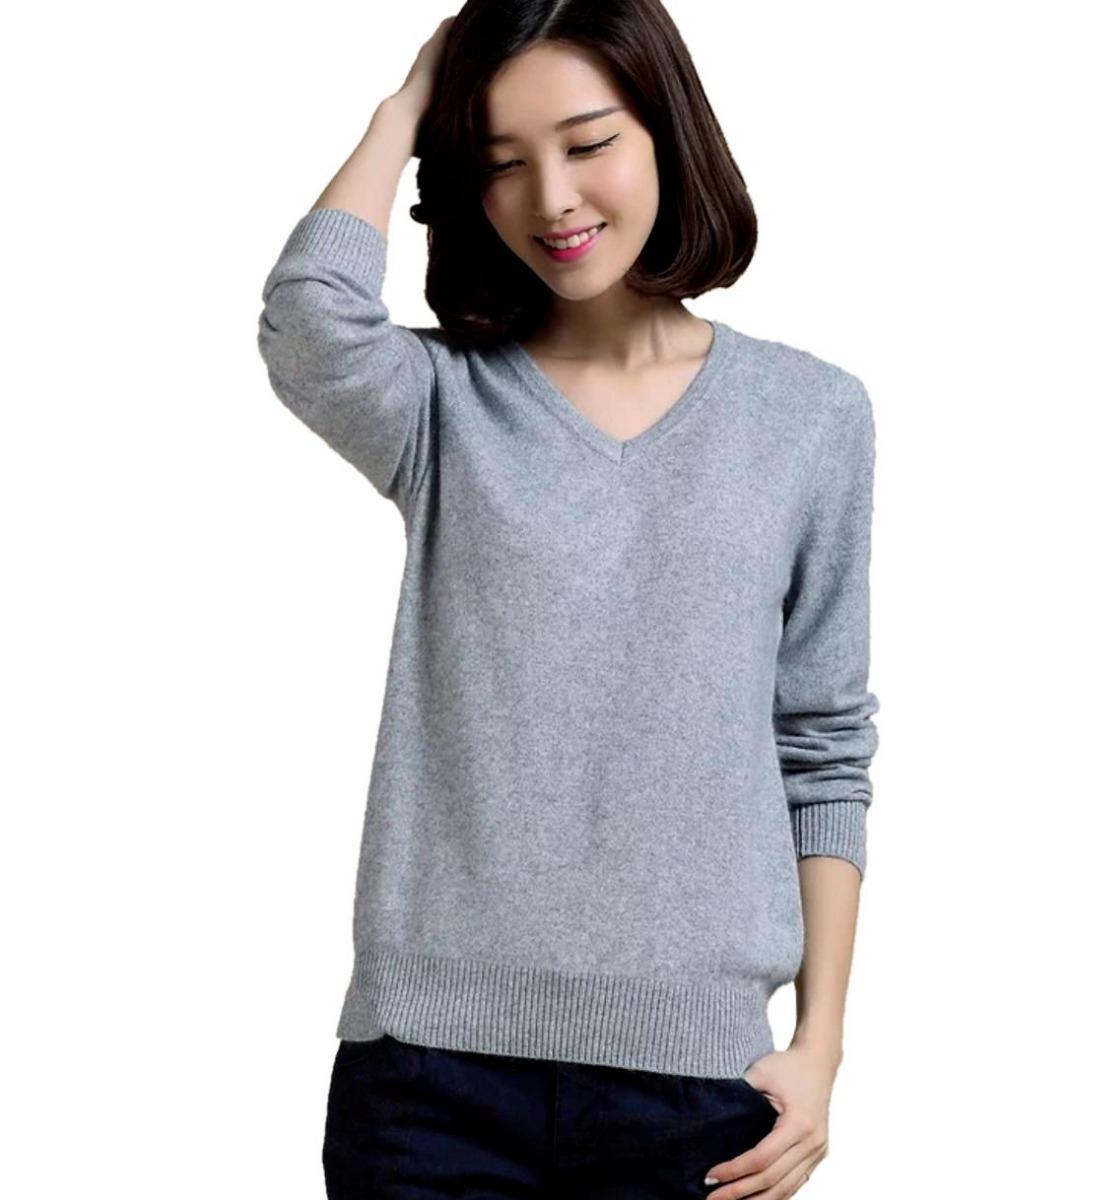 d0bbb167a cardigan fechado blusa de frio suéter de lã tricô inverno. Carregando zoom.